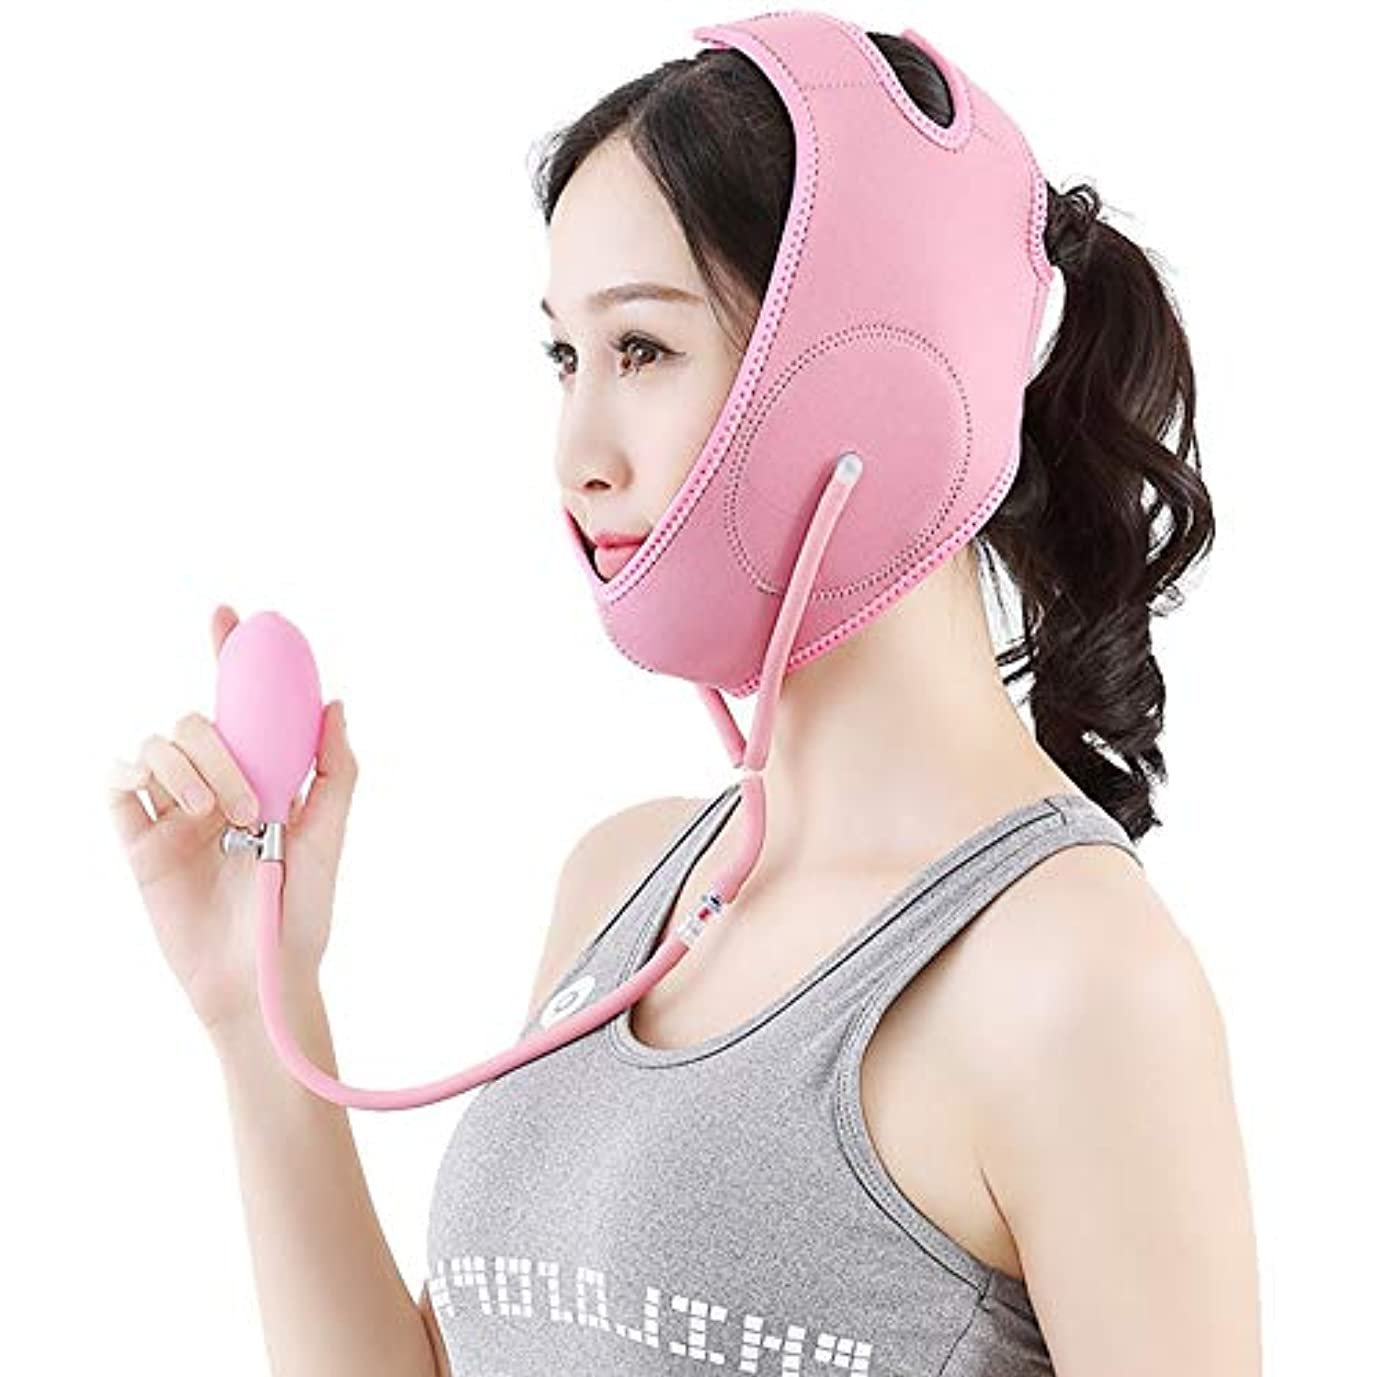 自治め言葉ロケーションXINGZHE フェイシャルリフティング痩身ベルトダブルエアバッグ圧力調整フェイス包帯マスク整形マスクが顔を引き締める フェイスリフティングベルト (色 : ピンク, サイズ さいず : M)